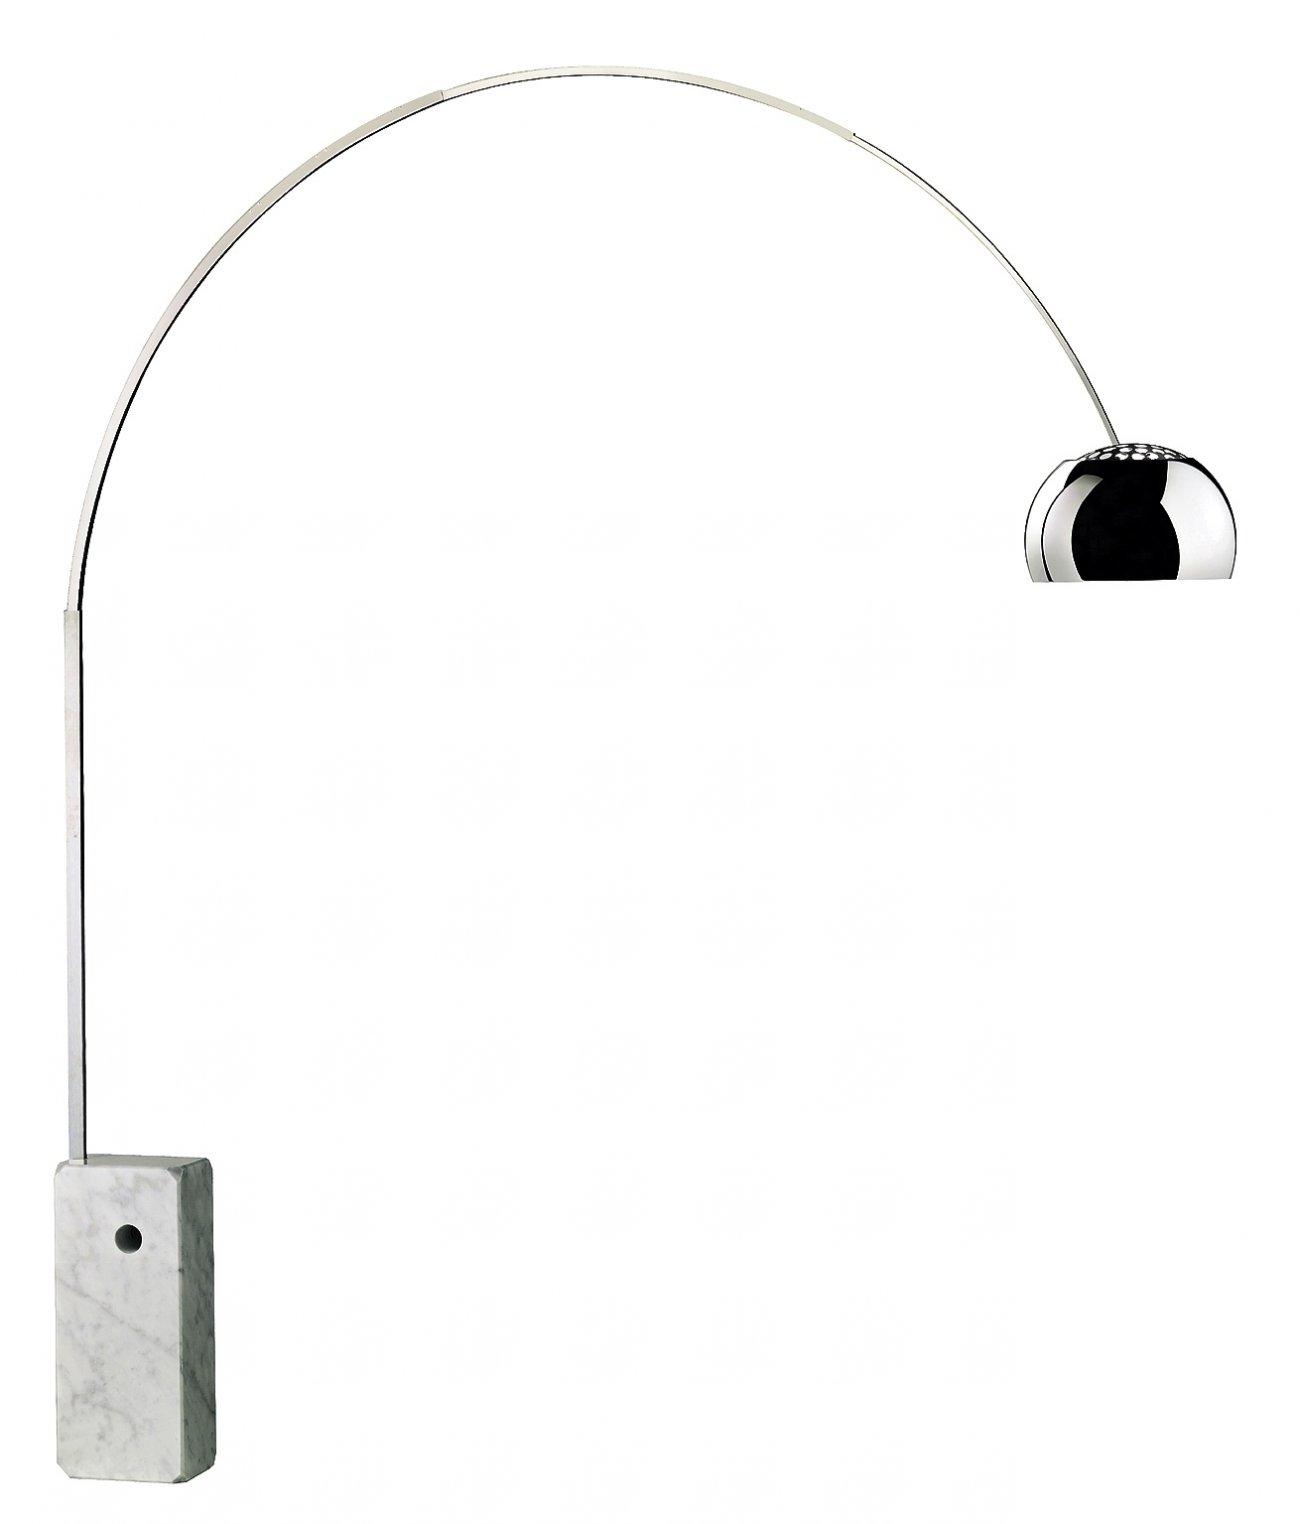 Arco  FLOS Golvlampa från 1962. Design Achille & Pier Castiglioni H 232 cm B 220 (som mest)Vikt fot 60 kg   Lagerstatus: Ej i lager.